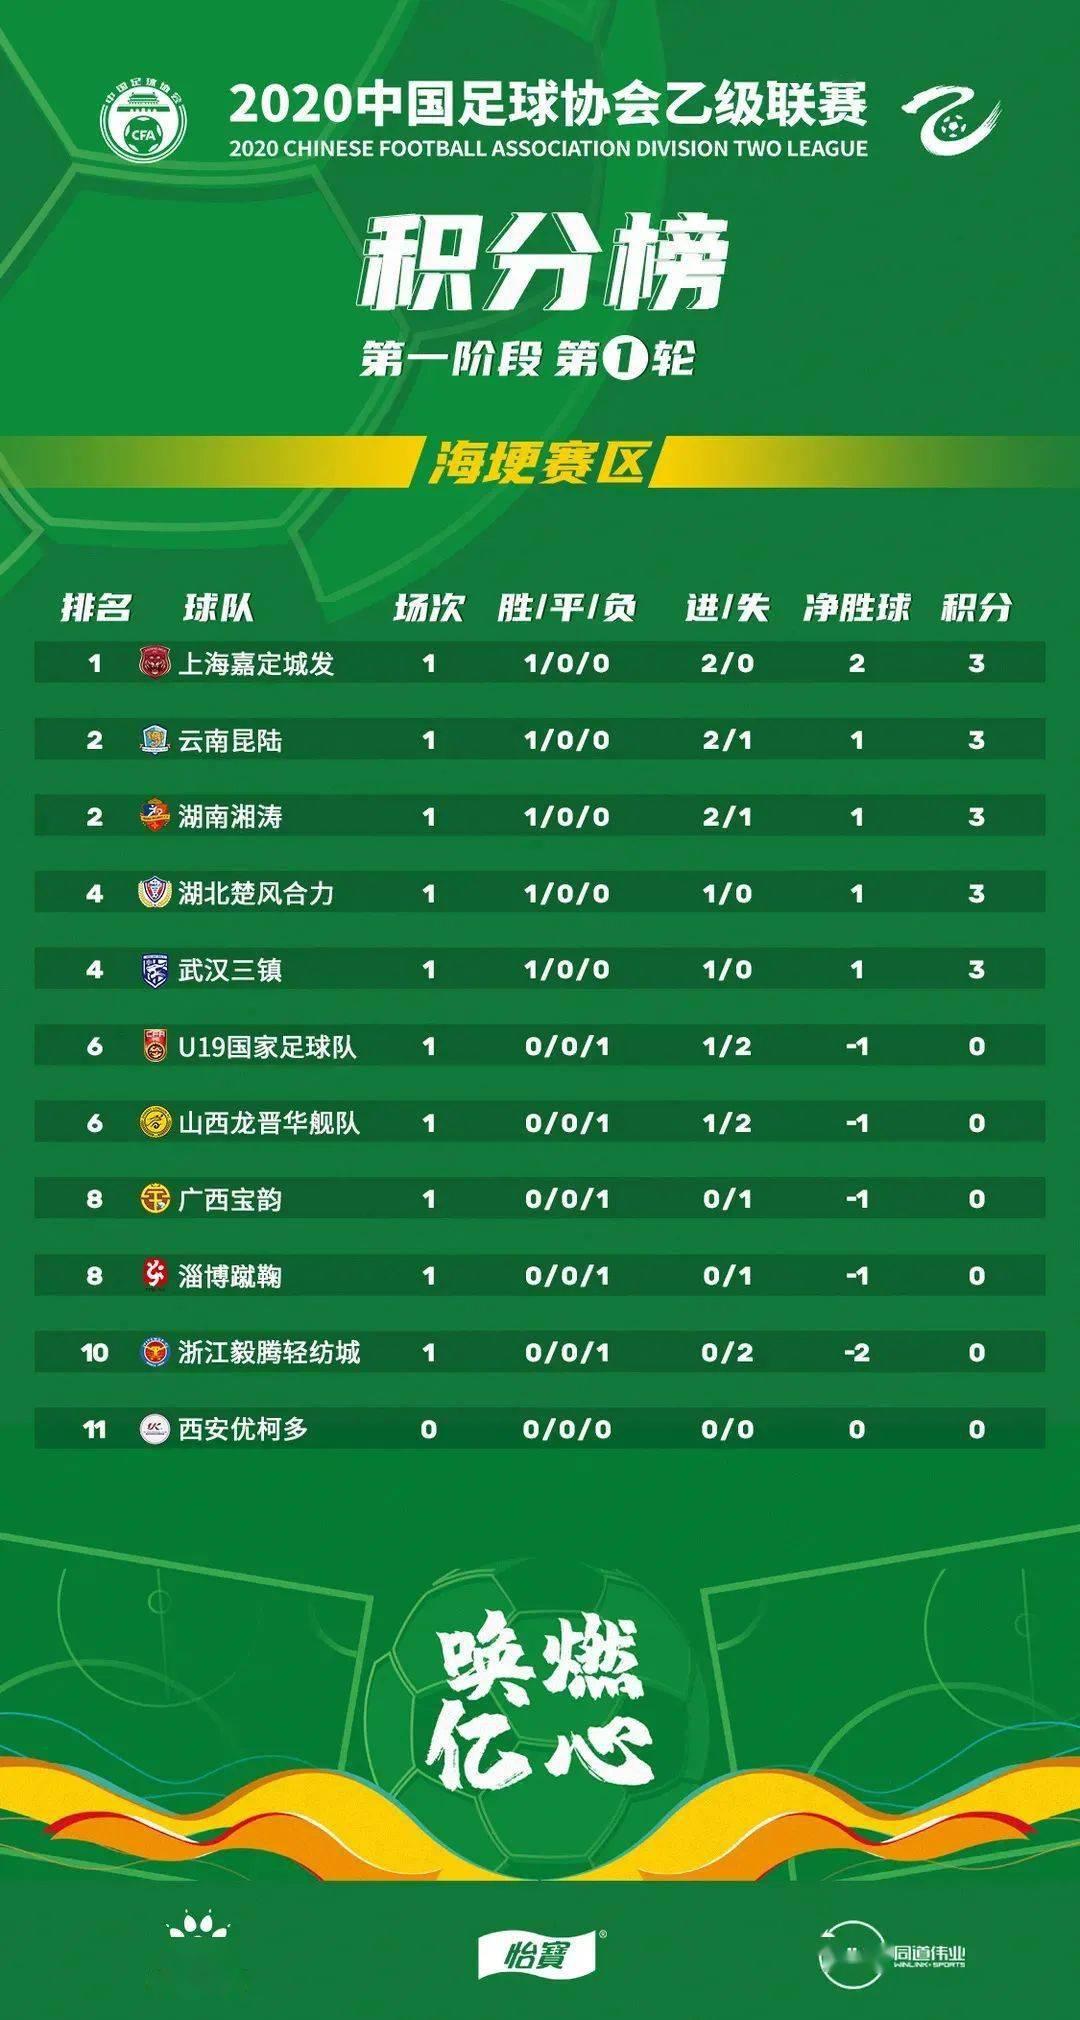 2020中乙联赛第一轮积分榜:yobo体育全站app(图1)